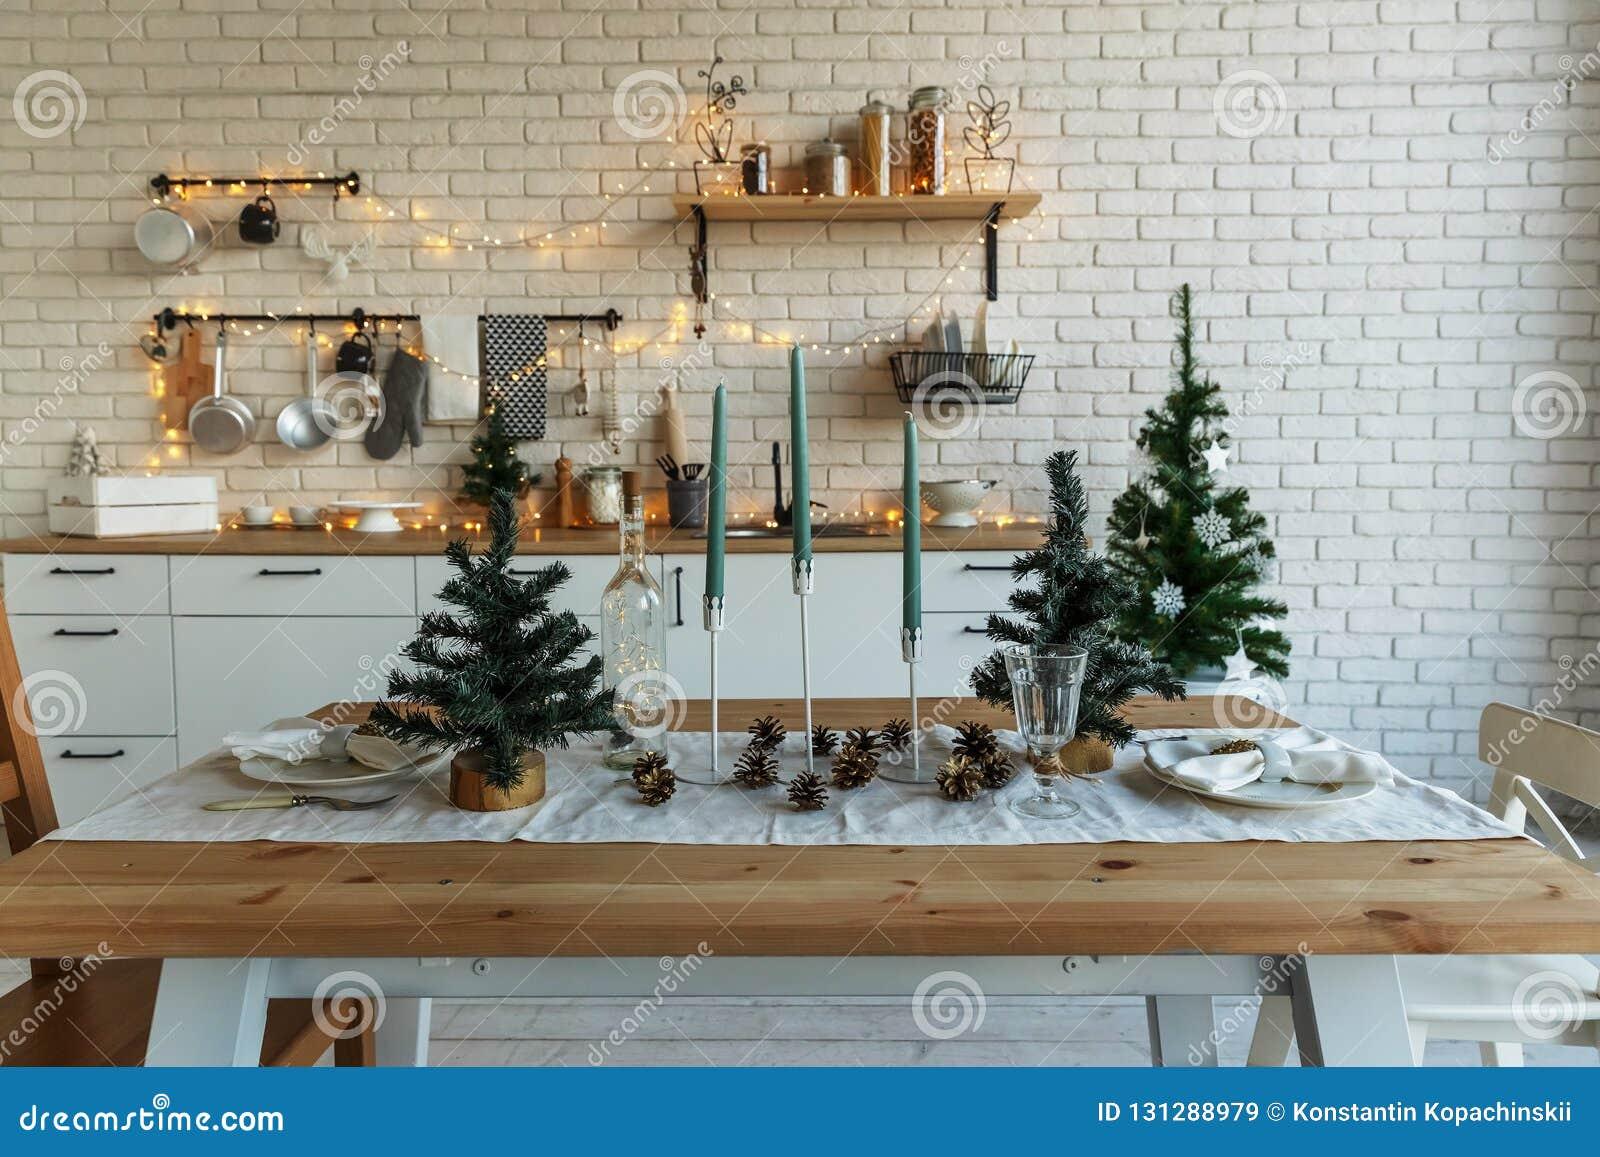 Nouvelle année et Noël 2018 Cuisine de fête dans des décorations de Noël Bougies, branches impeccables, supports en bois, table